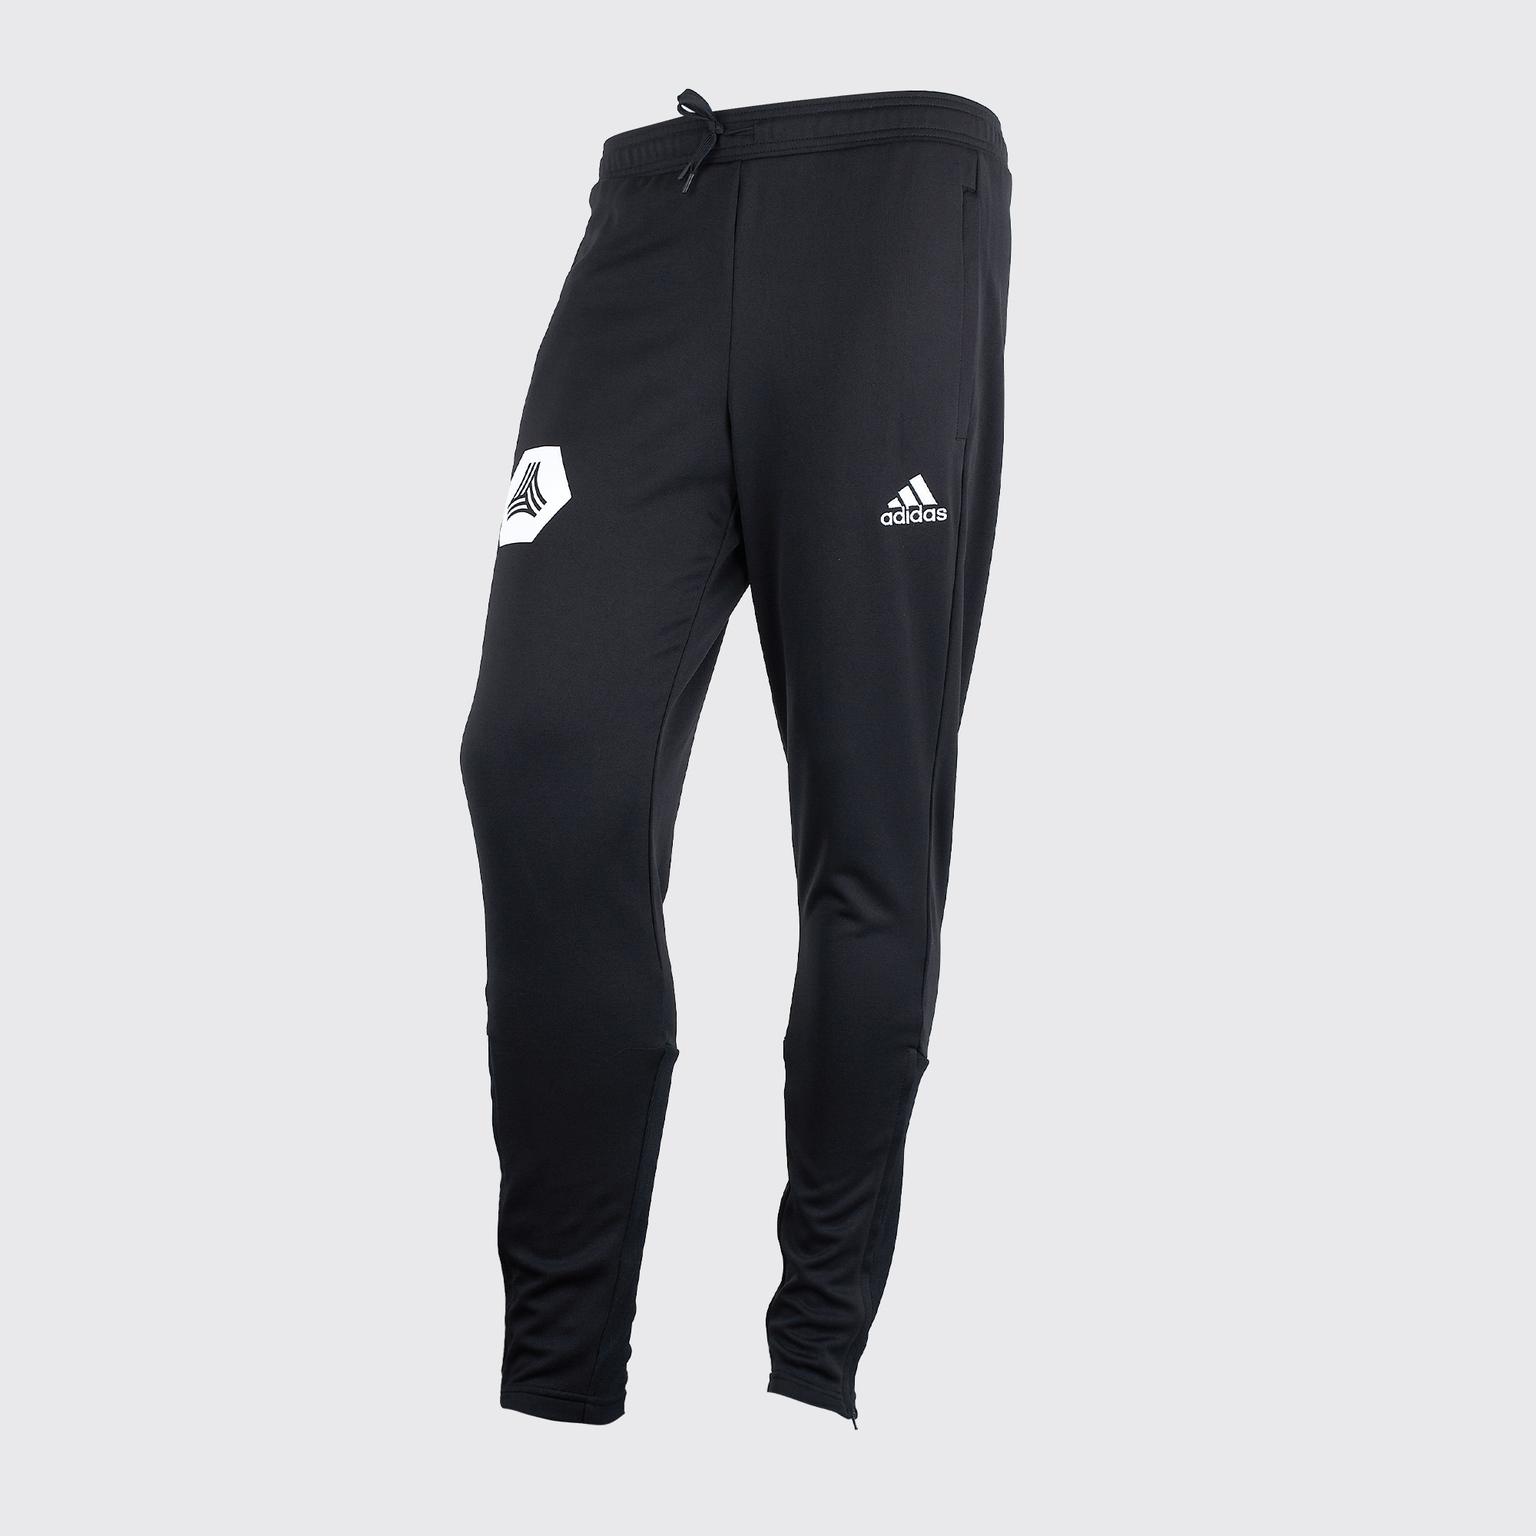 Брюки Adidas Tan Logo Joggers FJ6332